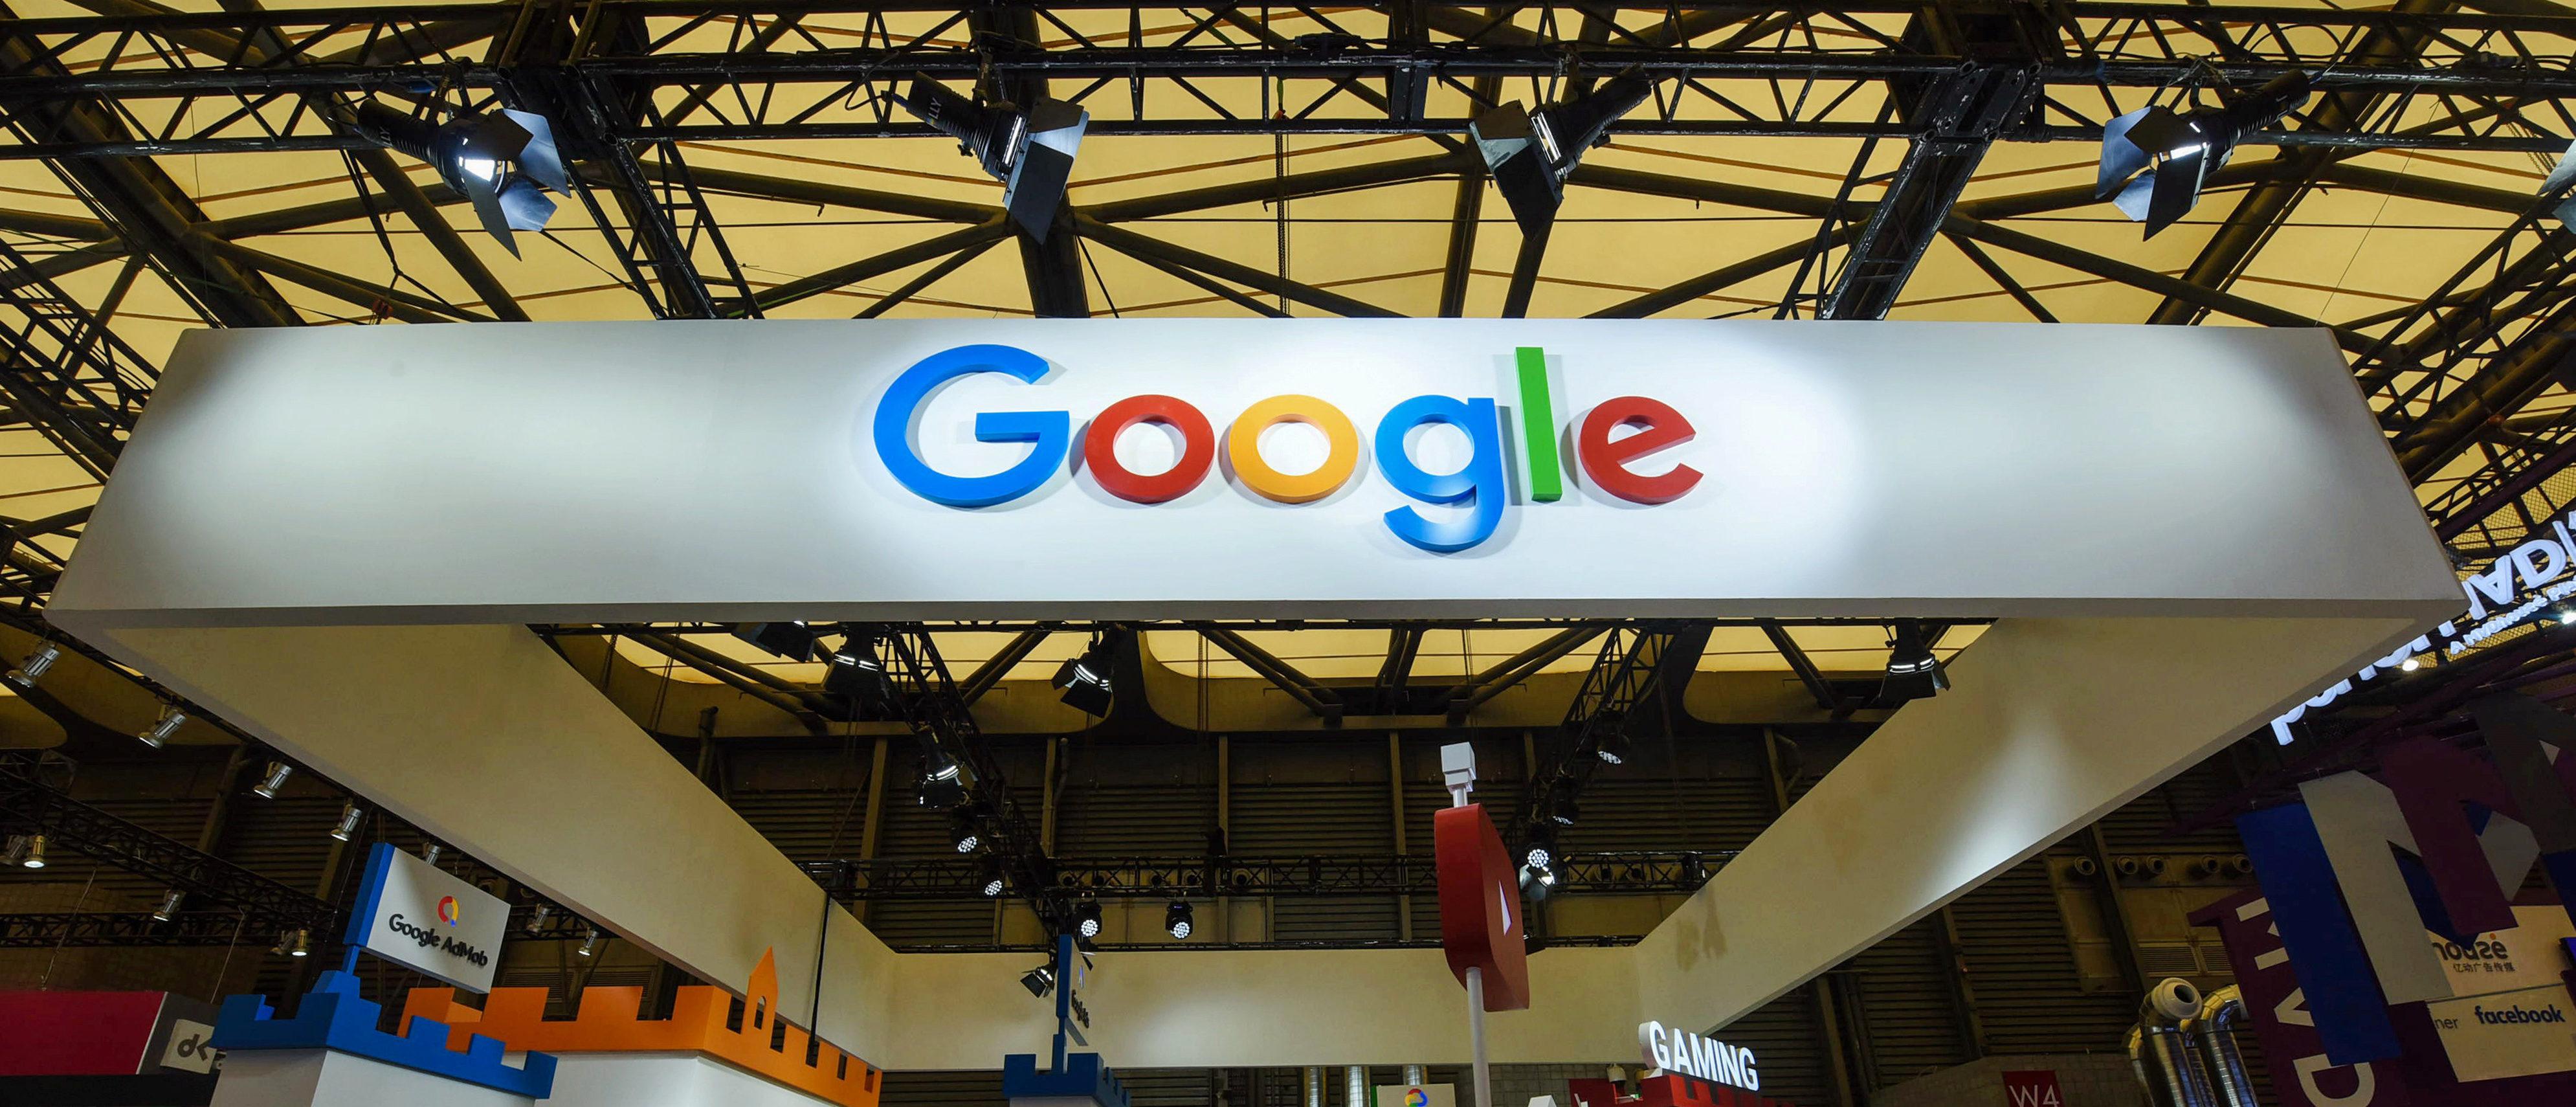 Former Google Engineer: How Google Discriminates Against Conservatives